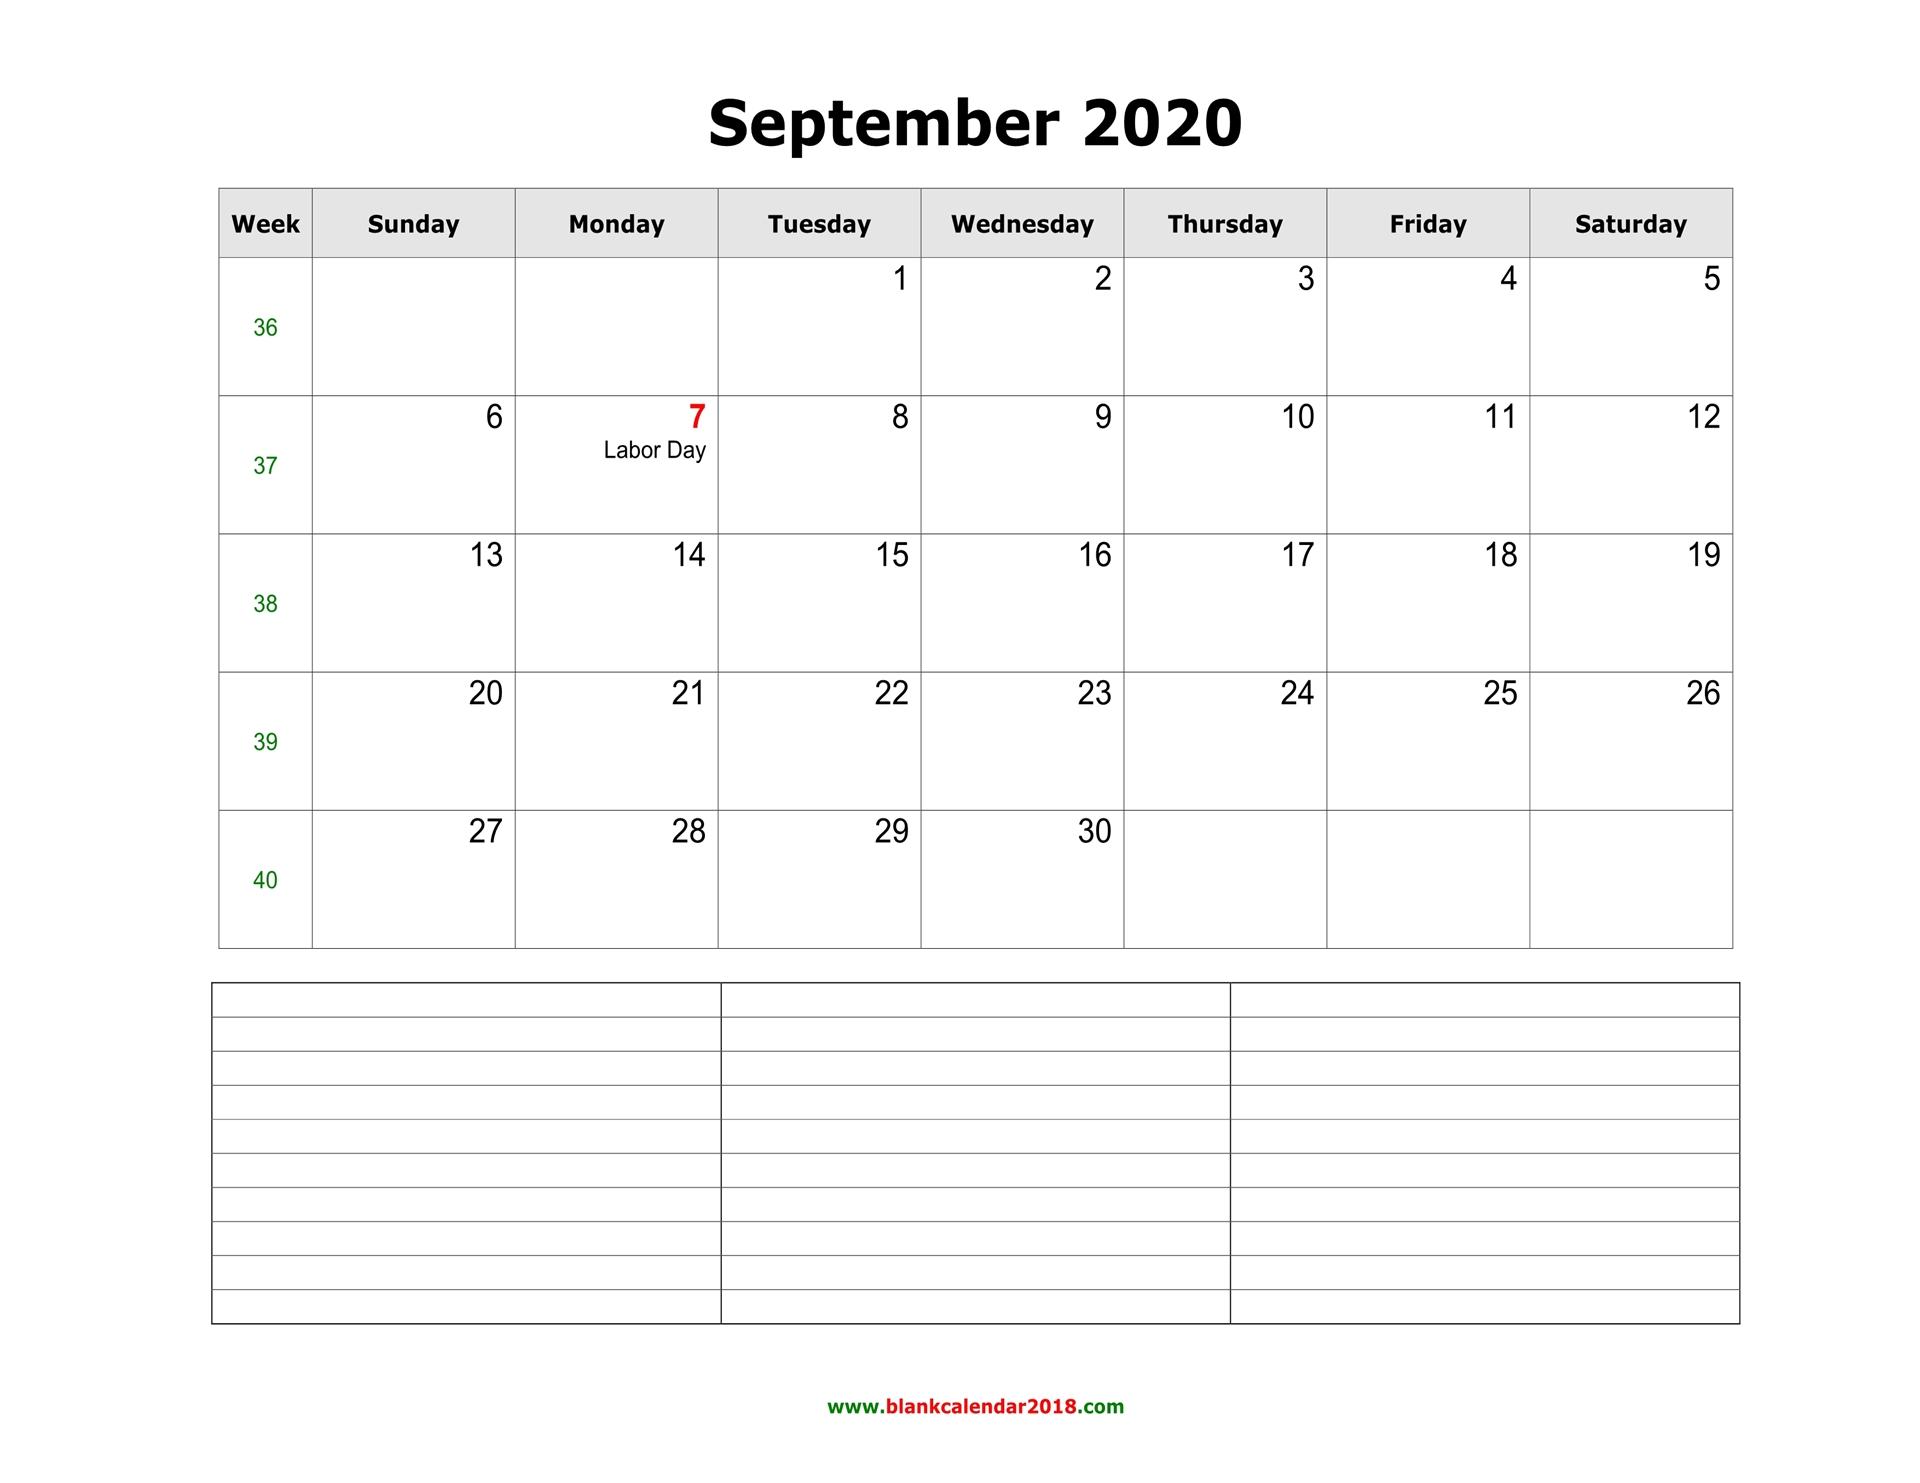 Blank Calendar For September 2020